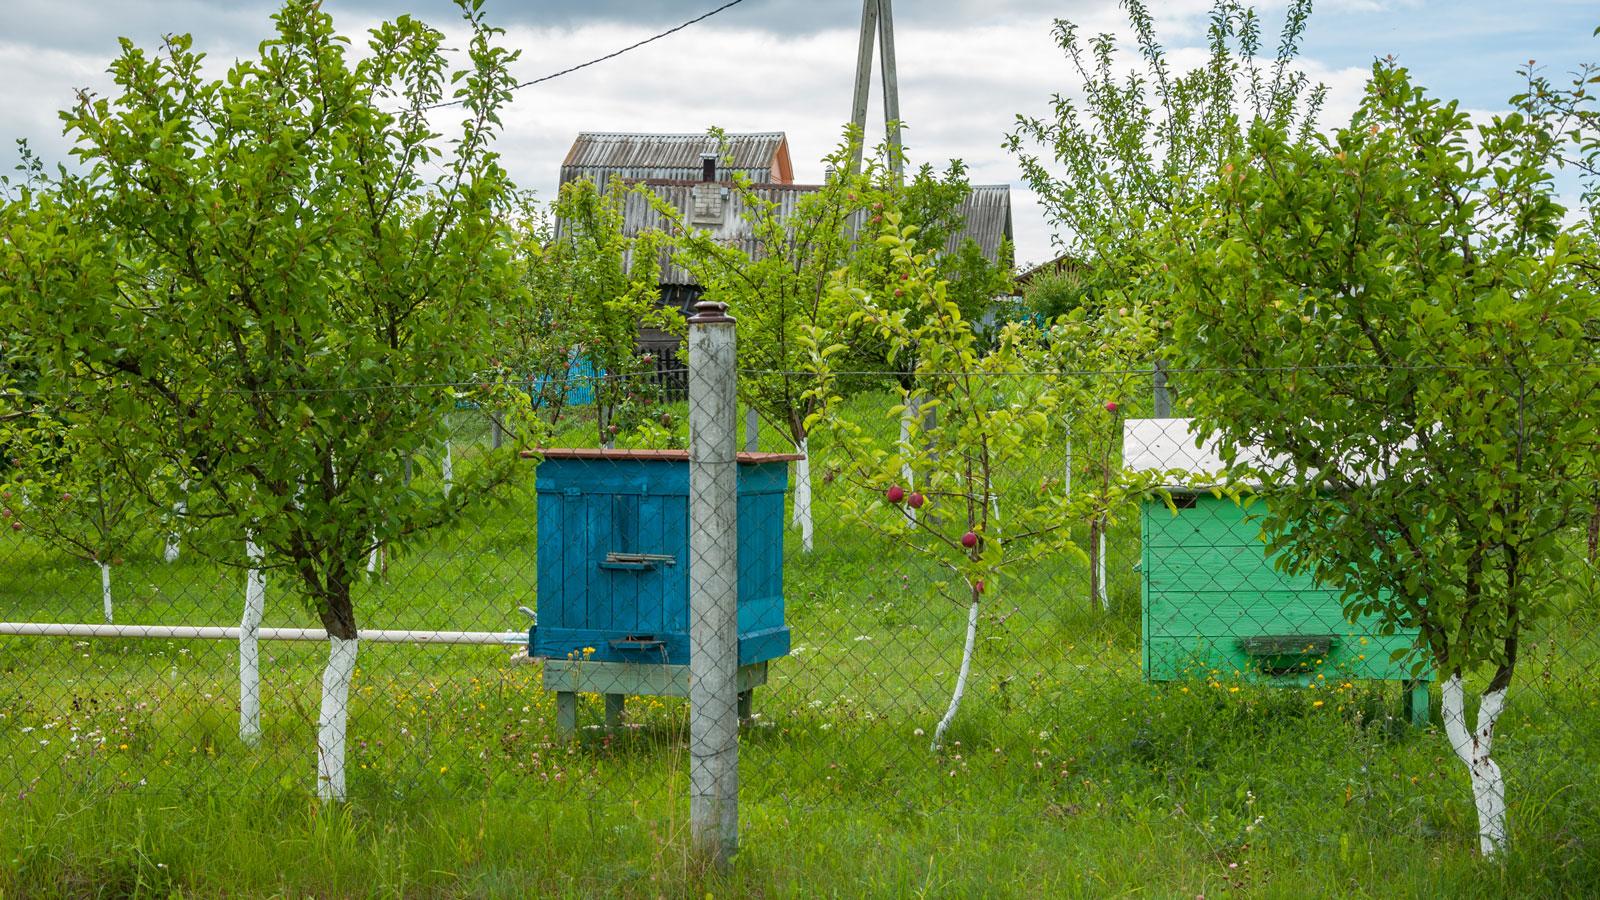 Как избавиться от пчел на даче и в доме